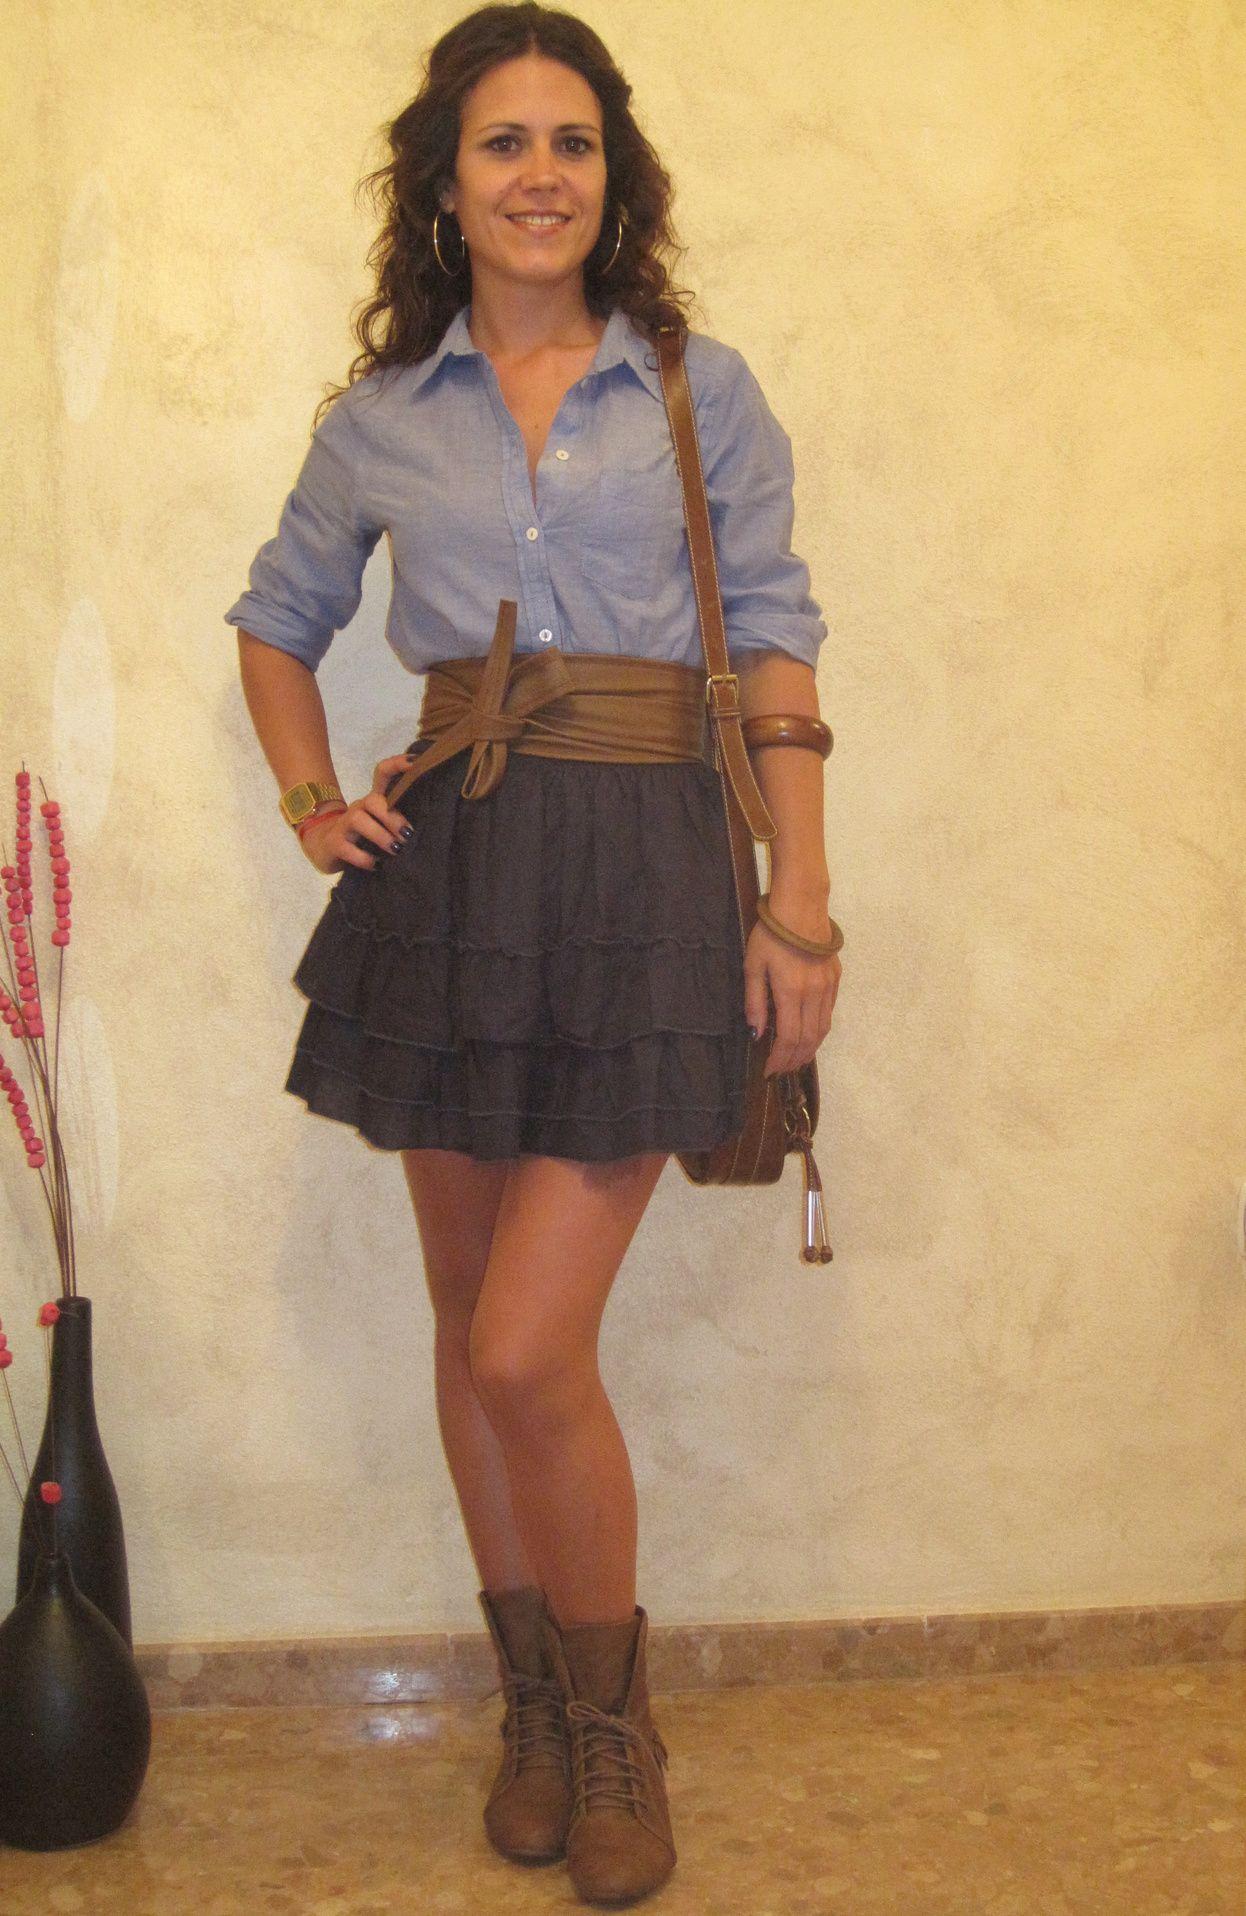 Falda De In Shirt Vaquera H Camisa Volantes amp;m Blouses AzxWnpPAr1